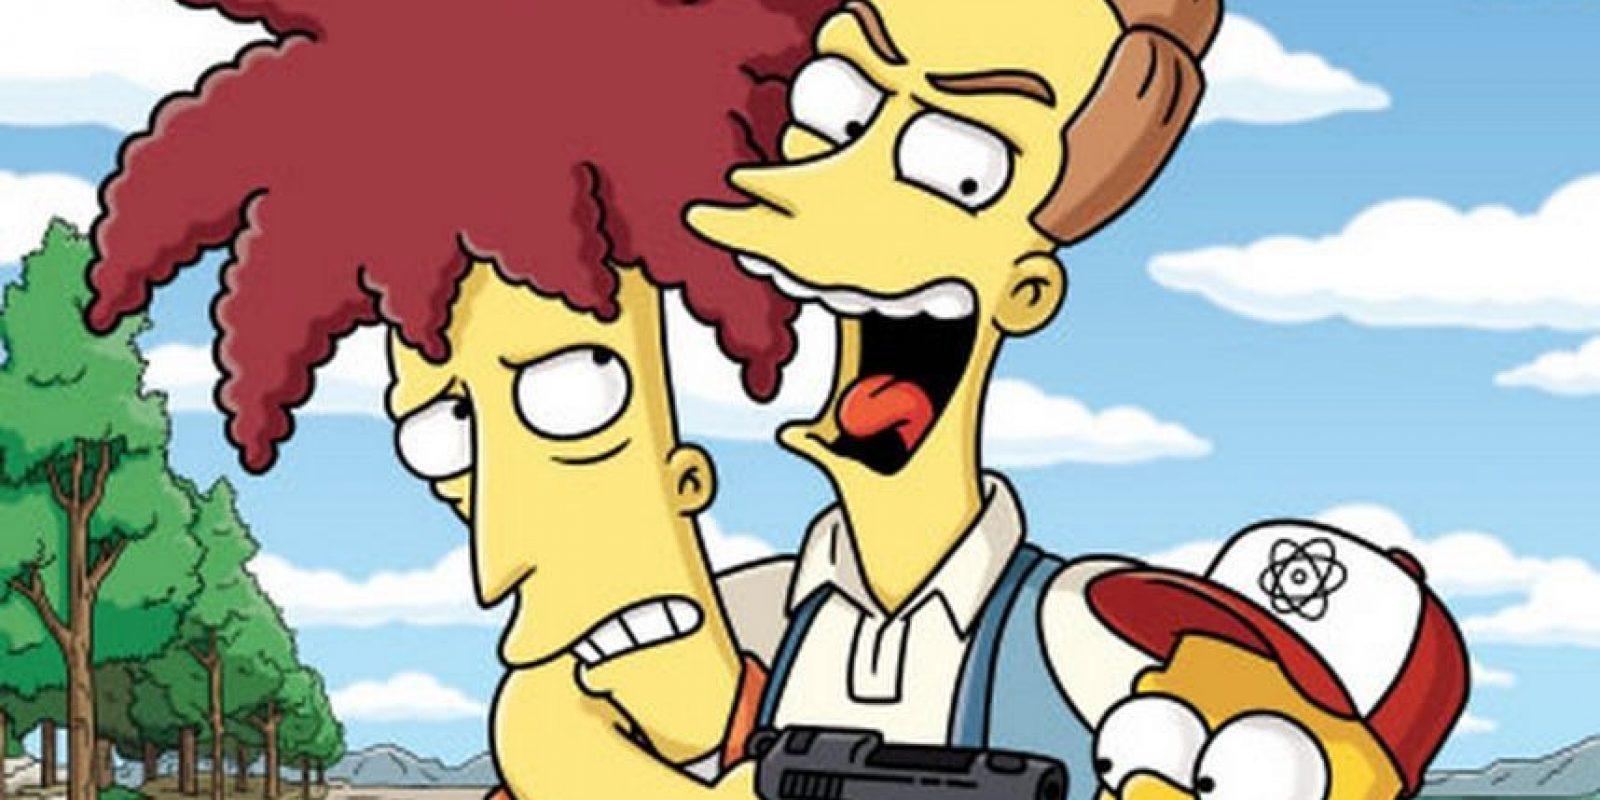 """En """"The Italian Bob"""", Bob aparece como alcalde de Toscana, una ciudad italiana, junto a su nueva esposa Francesa e hijo Gino (ambos italianos). Todo parece indicar que Bob se ha reformado, pero todo cambia cuando Lisa, tras beber vino, lo descubre ante todos, y entonces Bob jura """"vendetta"""" (venganza) contra los Simpson, y su mujer e hijo lo ayudan Foto:FOX"""